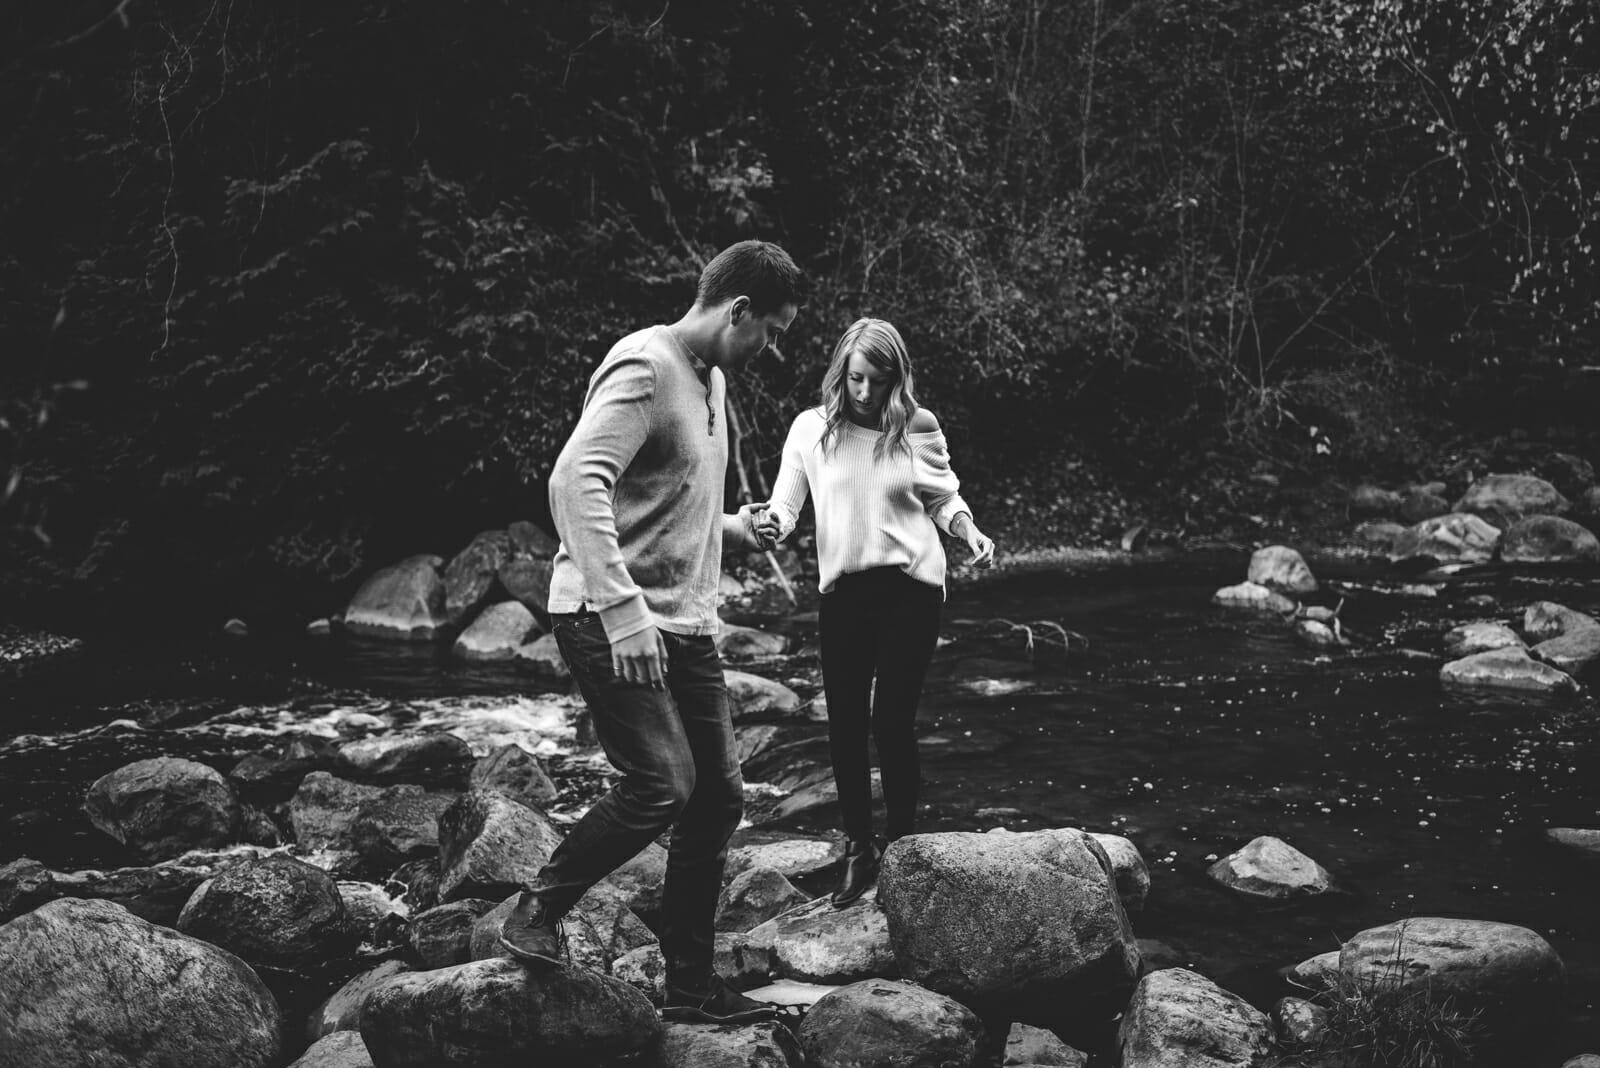 boyfriend helps his girlfriend cross river rocks